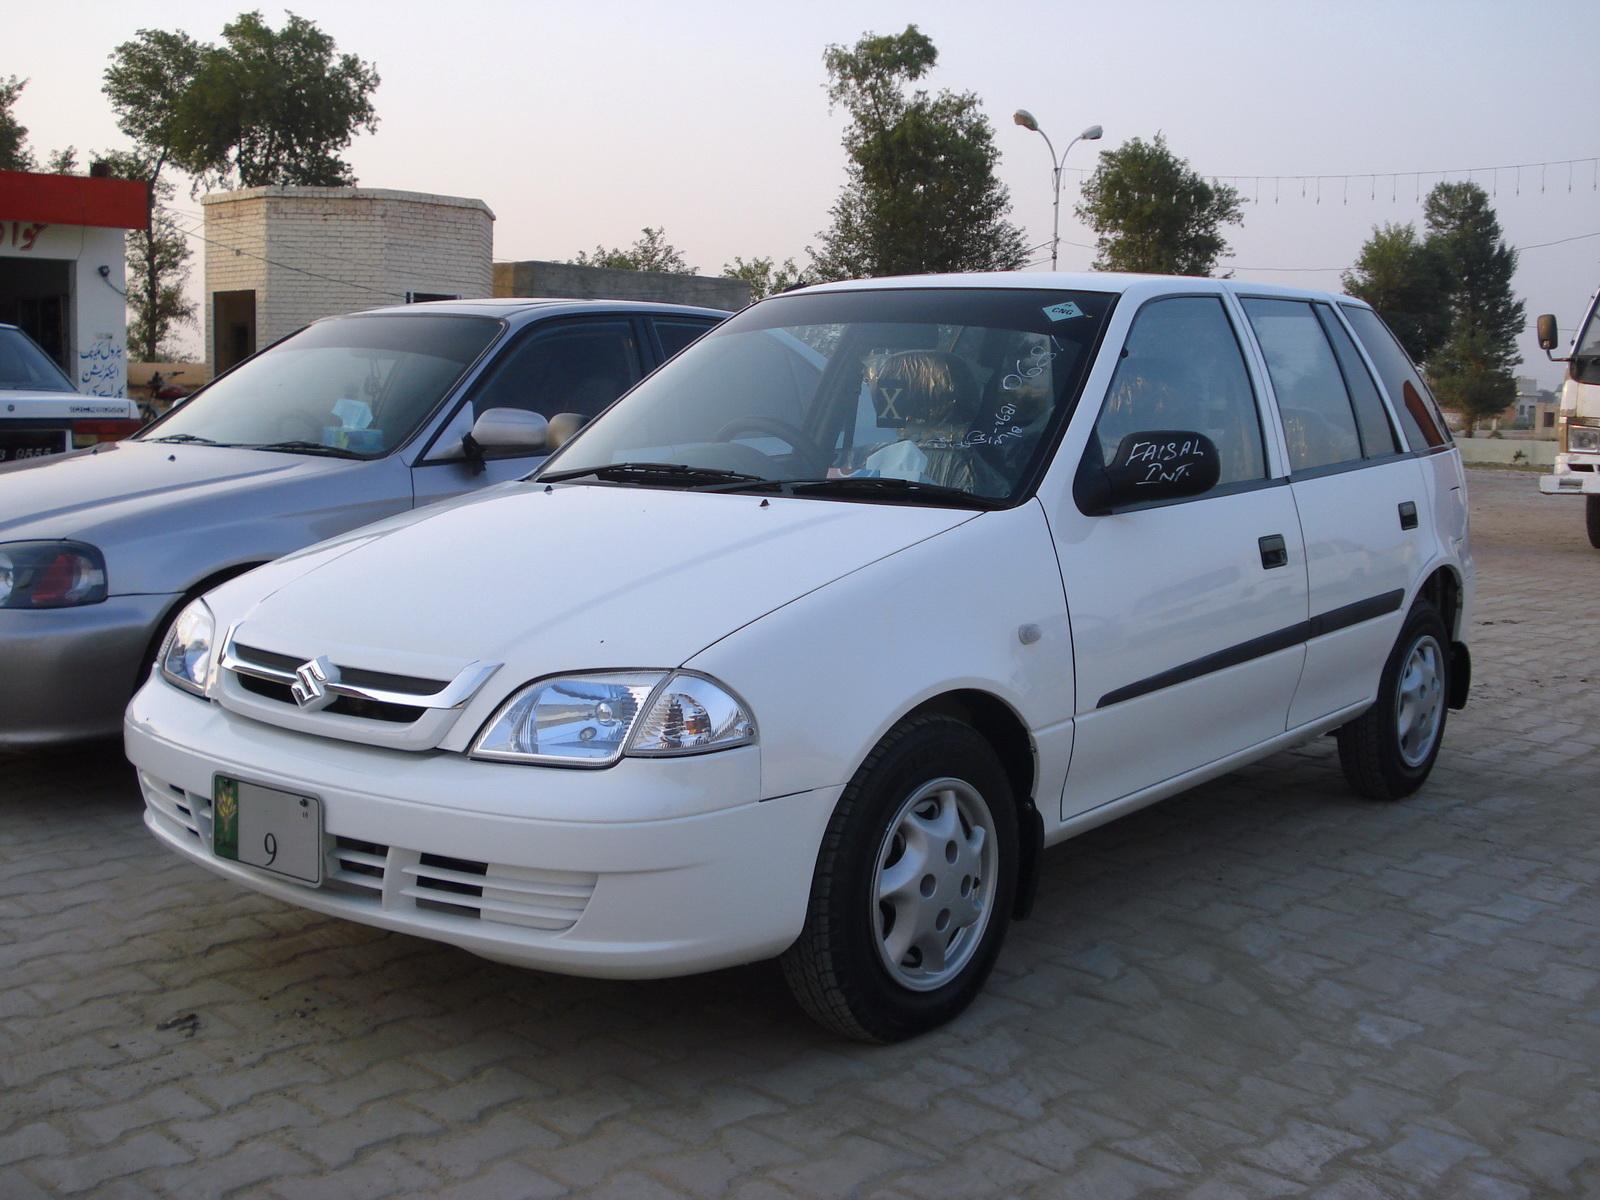 Suzuki Cultus 2010 Of Tahagamer